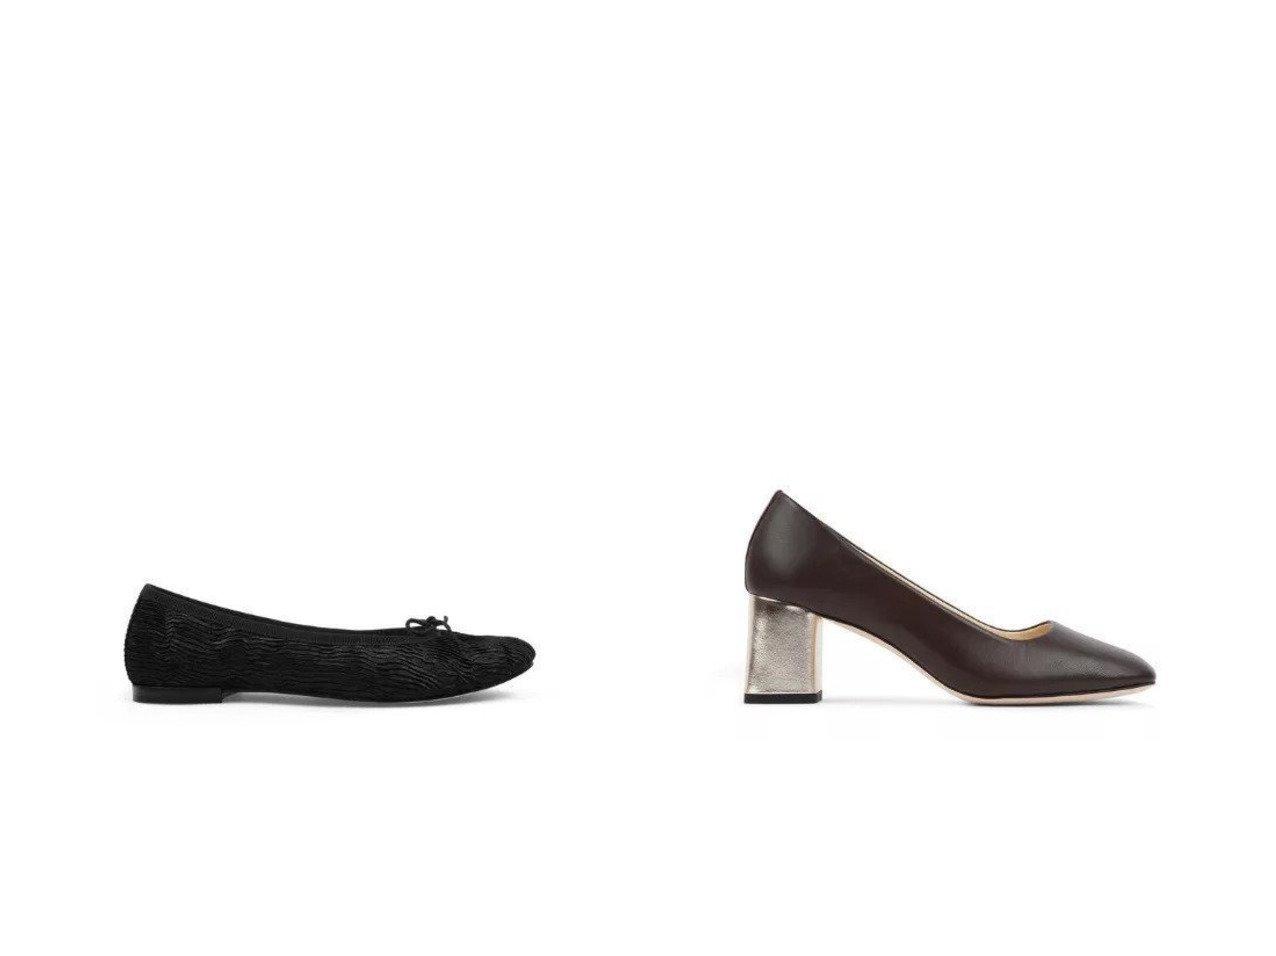 【repetto/レペット】のCendrillon Haute Ballerinas&Marlow Pumps repettoのおすすめ!人気、トレンド・レディースファッションの通販 おすすめで人気の流行・トレンド、ファッションの通販商品 メンズファッション・キッズファッション・インテリア・家具・レディースファッション・服の通販 founy(ファニー) https://founy.com/ ファッション Fashion レディースファッション WOMEN シャーリング シューズ ソックス タイツ バレエ フラット エレガント トレンド メタリック |ID:crp329100000019115